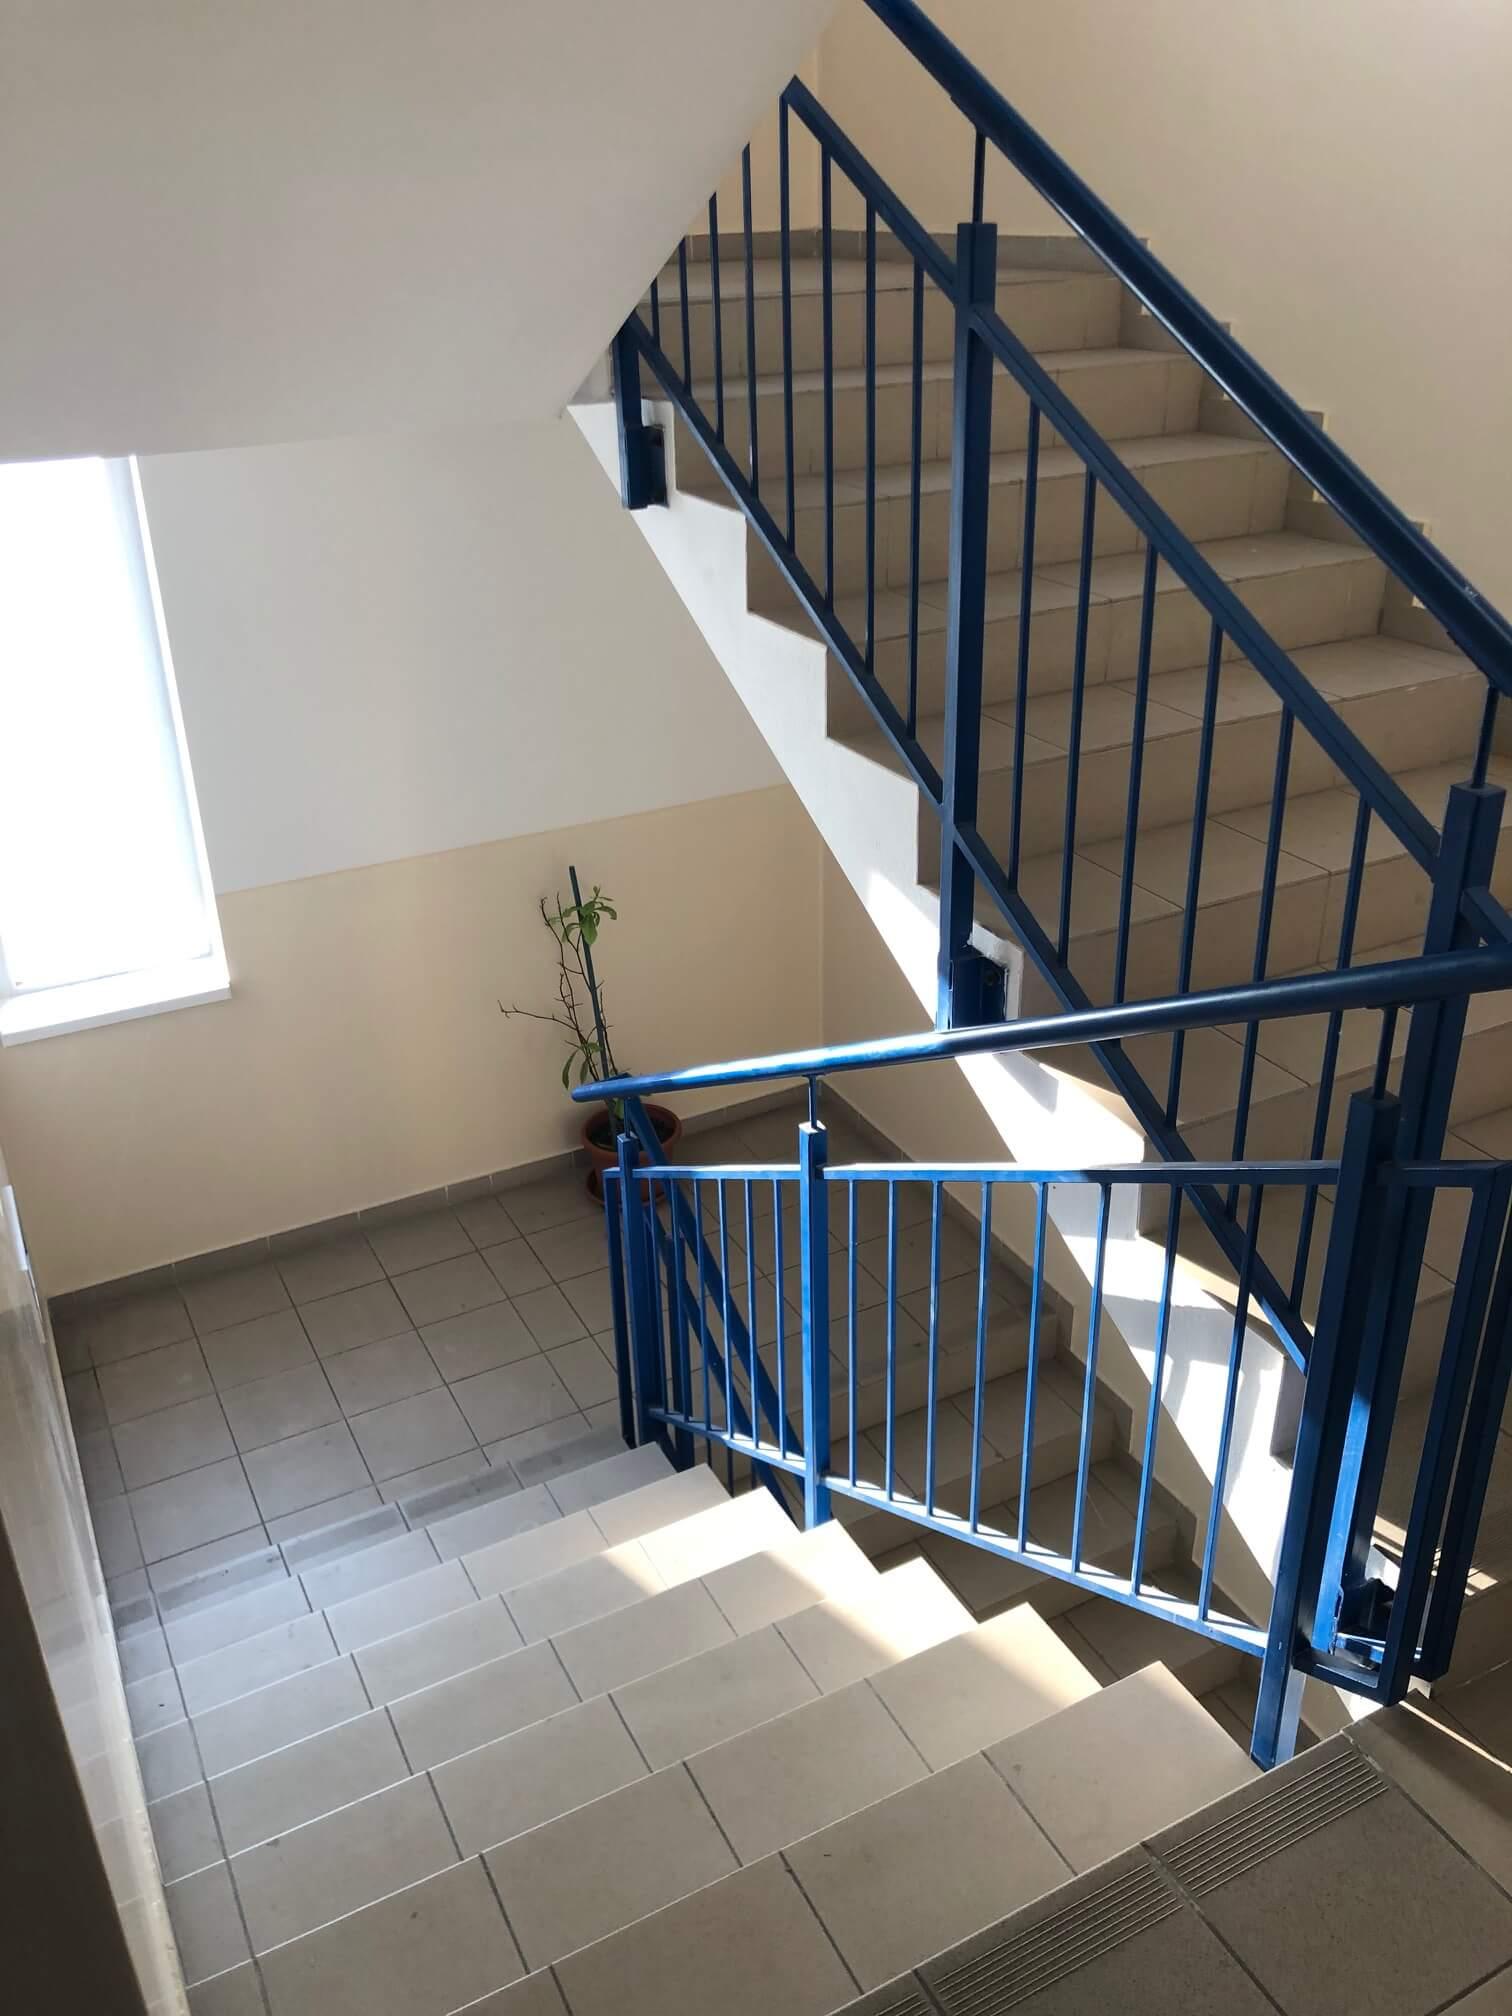 Predané: Exkluzívne na predaj 3 izb. byt, 72 m2, balkón 8 m2, parkovacie státie, Bratislava, Petržalka, Budatínska-25